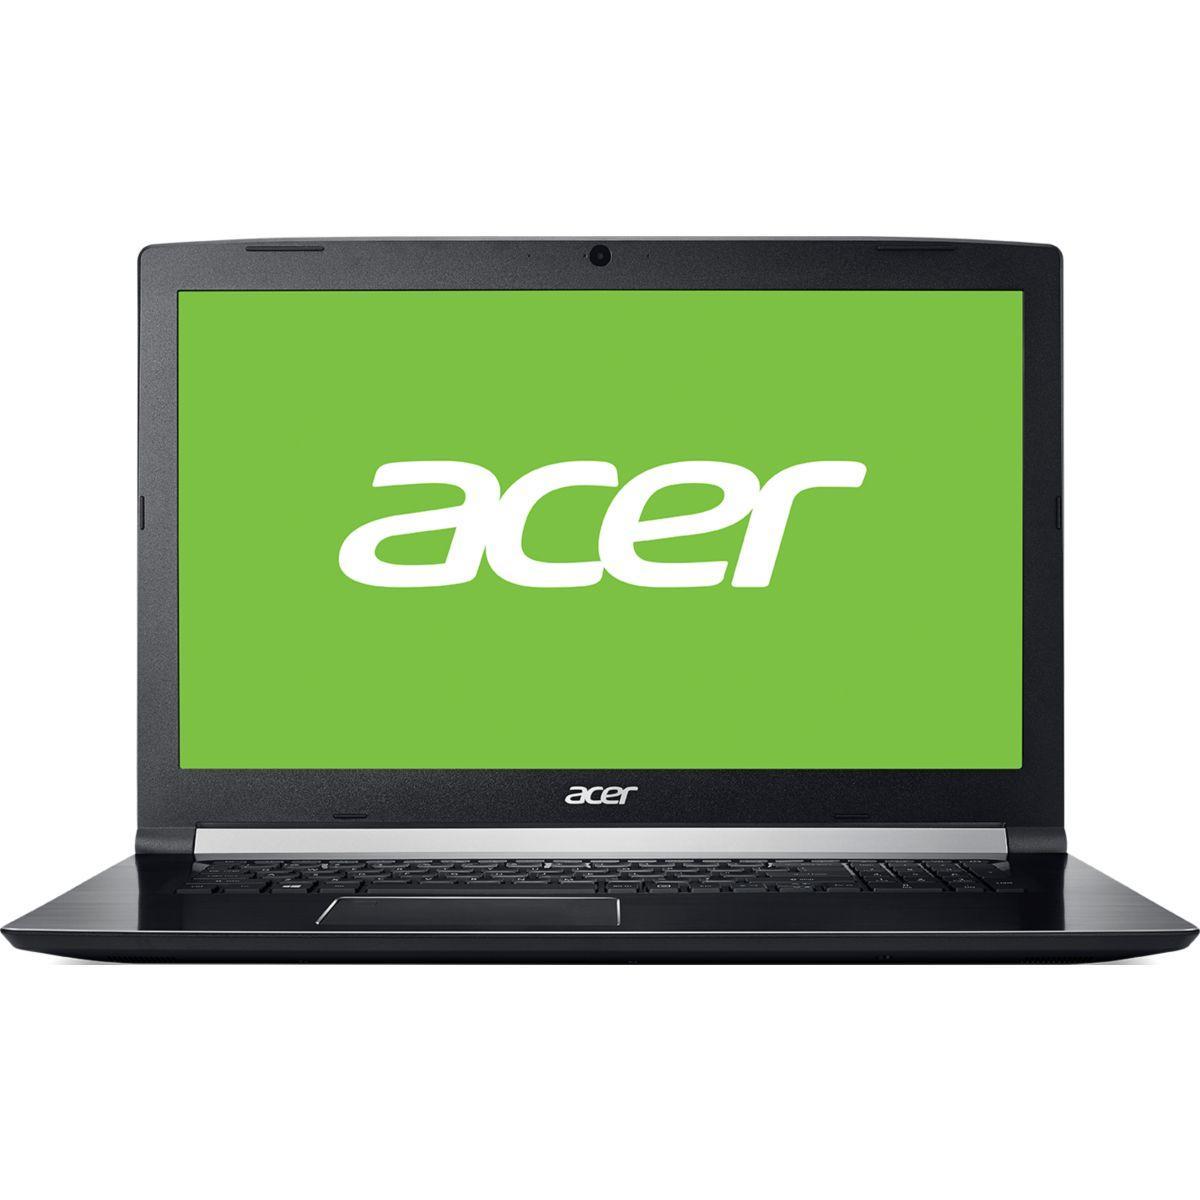 Portable acer aspire a717-71g-76um - 10% de remise immédiate avec le code : anniv10 (photo)